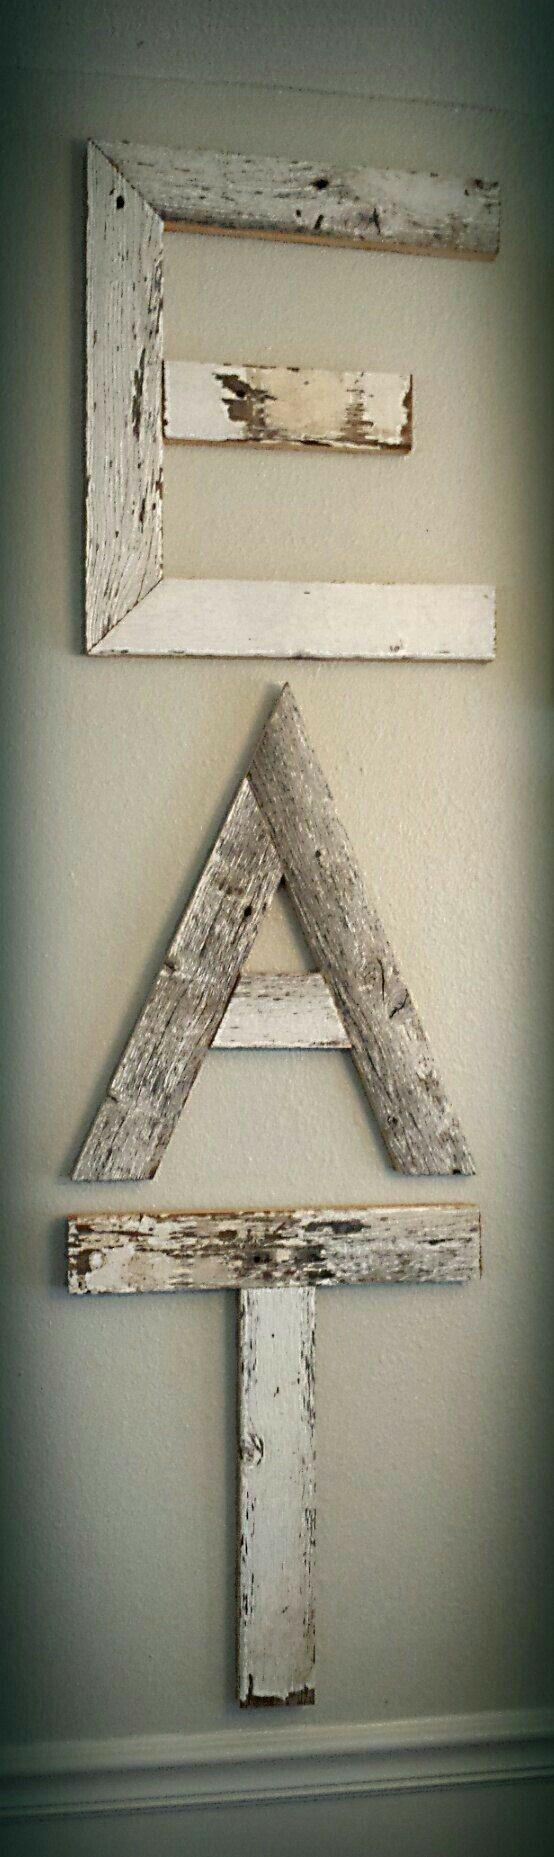 Pin de rafael garcia en letras de madera pinterest - Casa letras madera ...